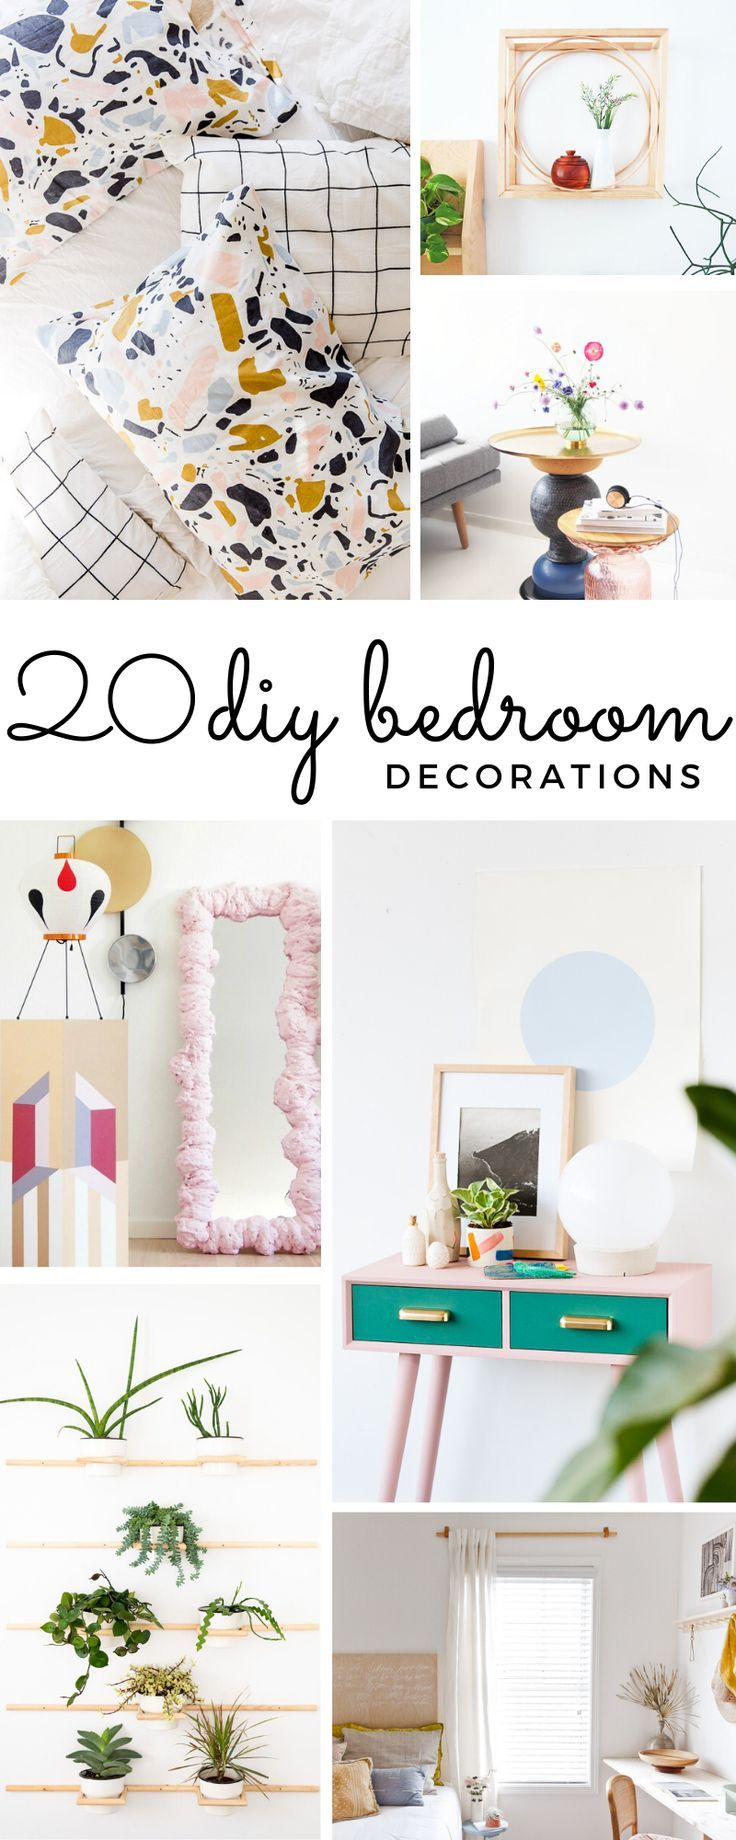 17 home decor for cheap diy bedrooms ideas